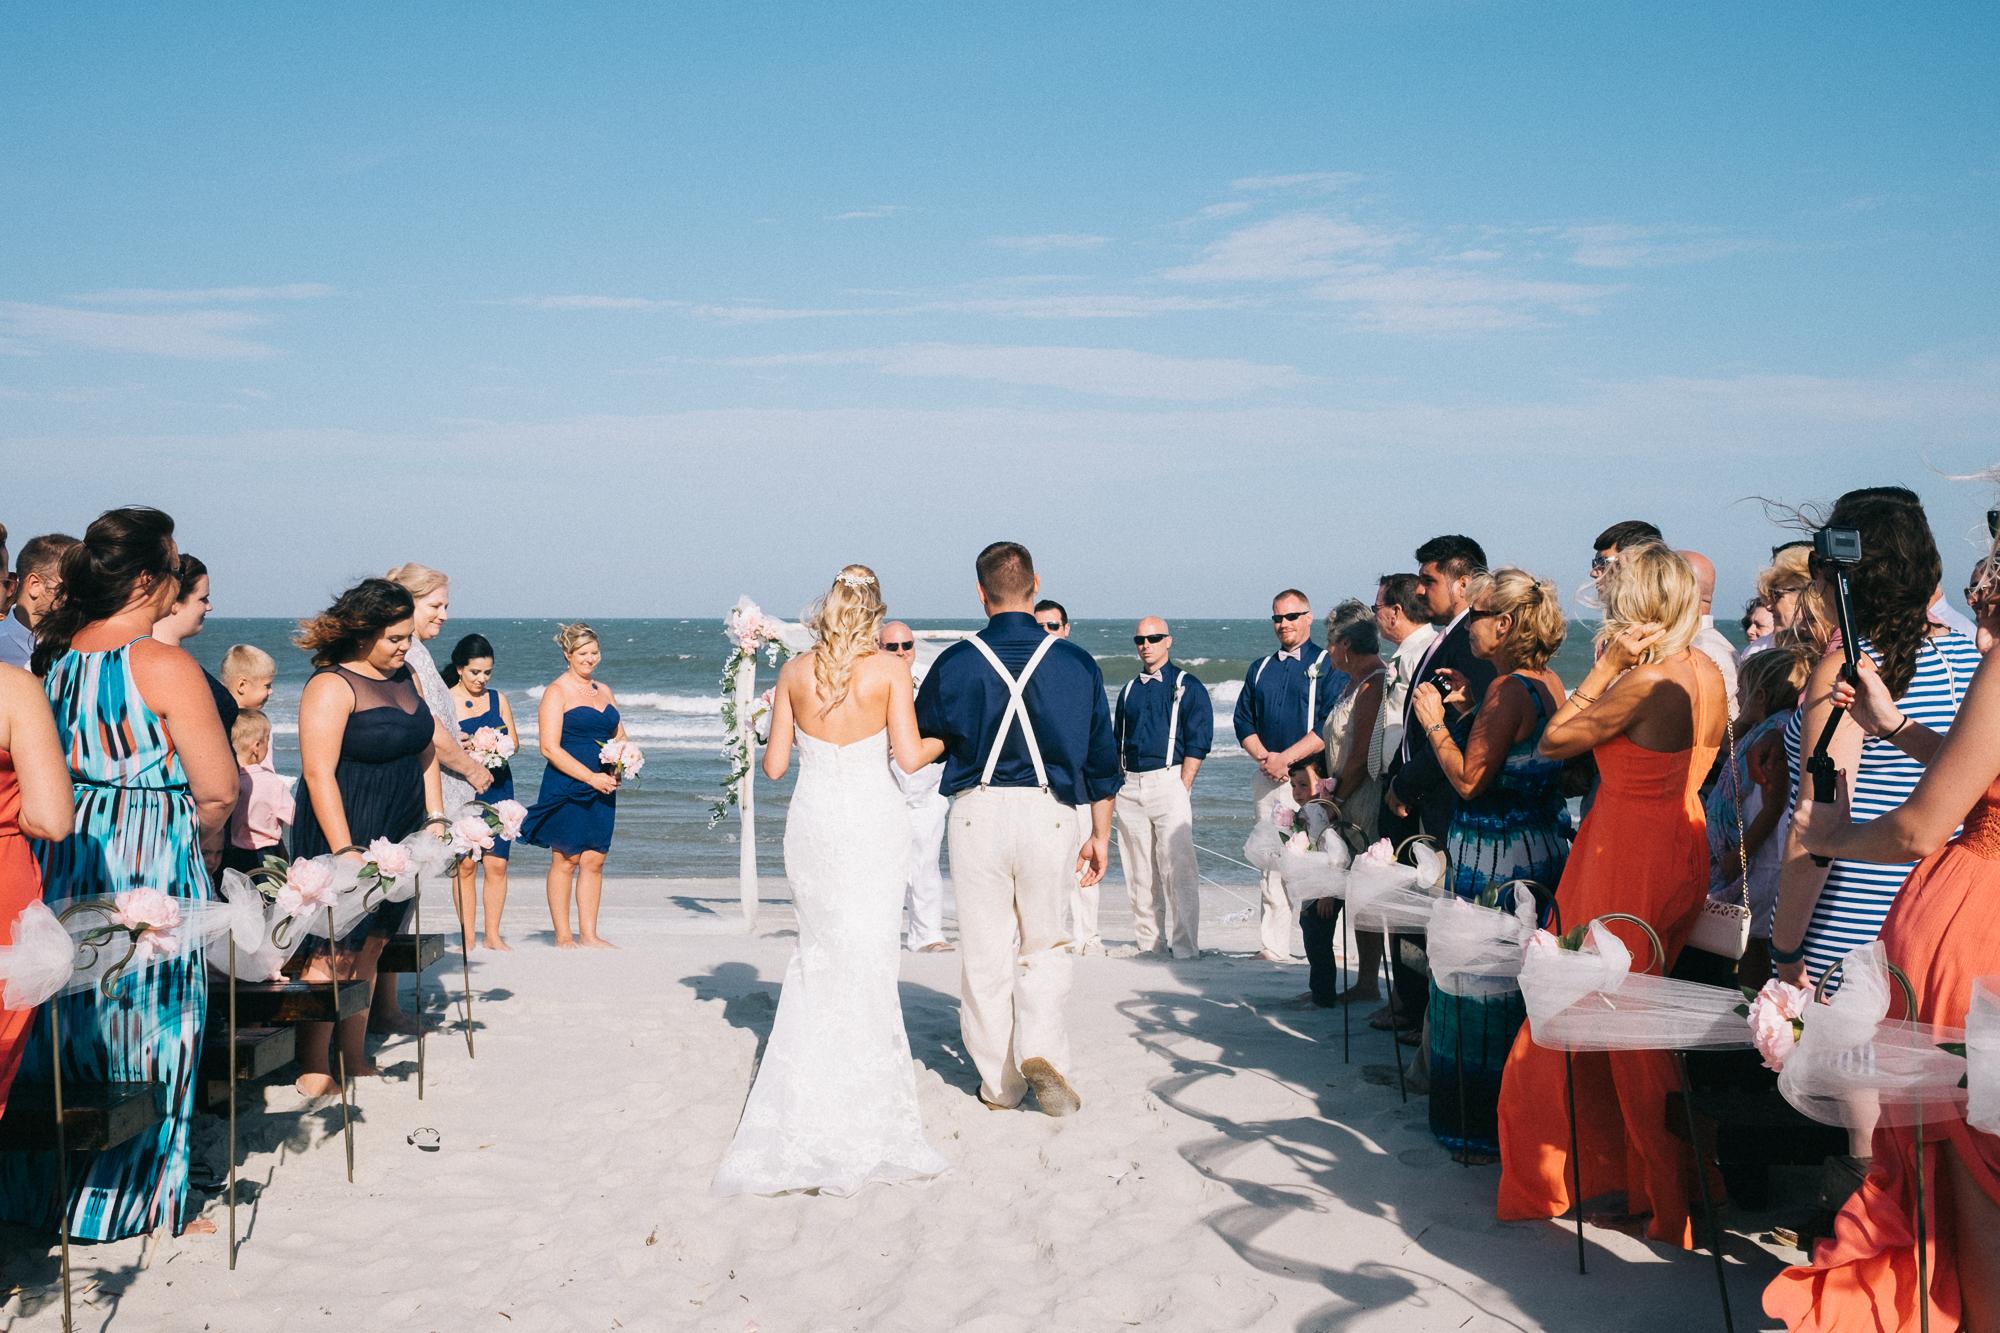 Trisha-Ryan-wedding-blog-25.jpg